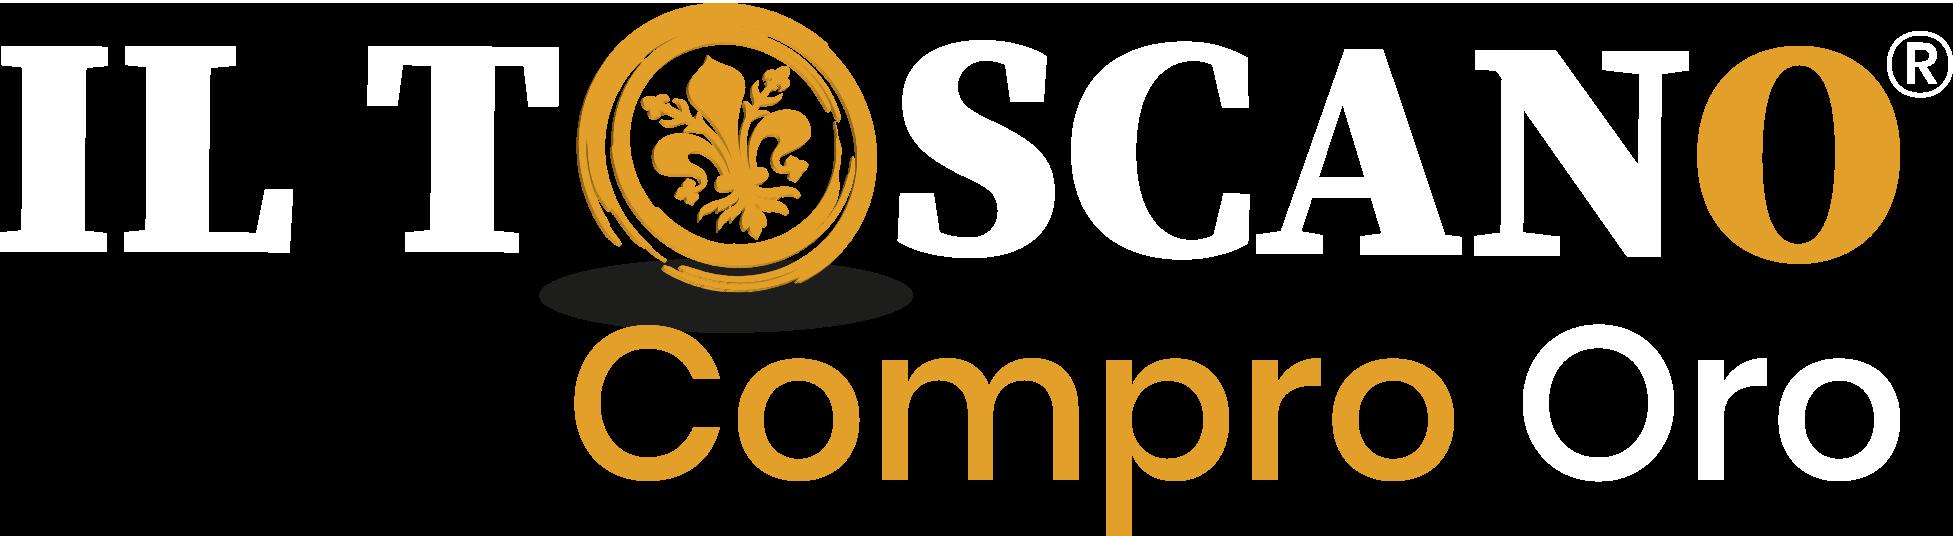 Toscano Compra Oro